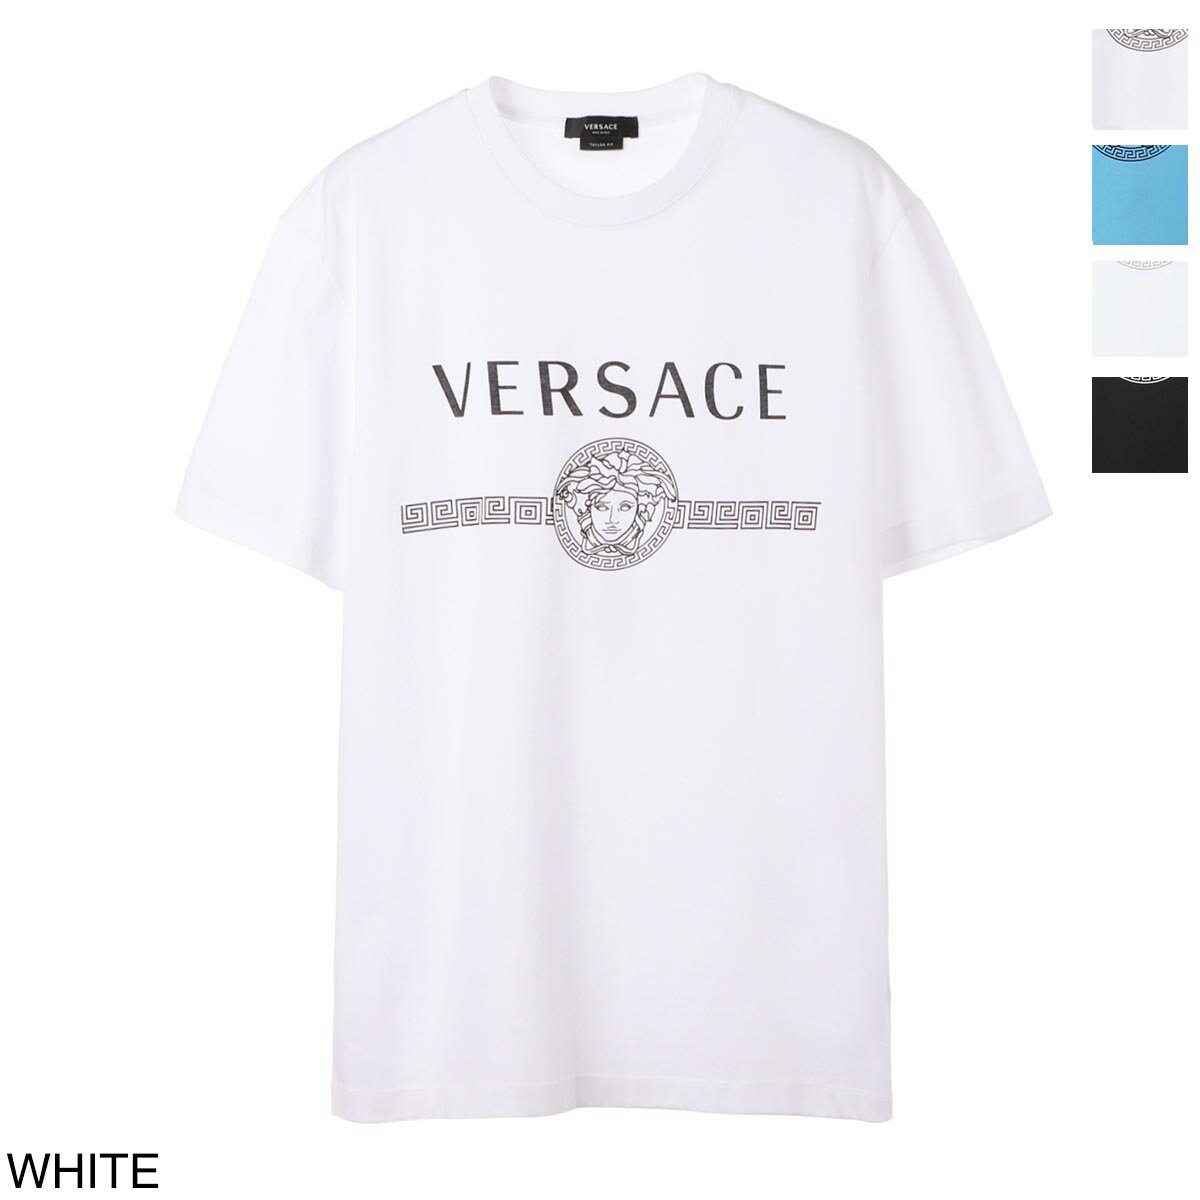 トップス, Tシャツ・カットソー  VERSACE T a87573 a228806 a10012021SS